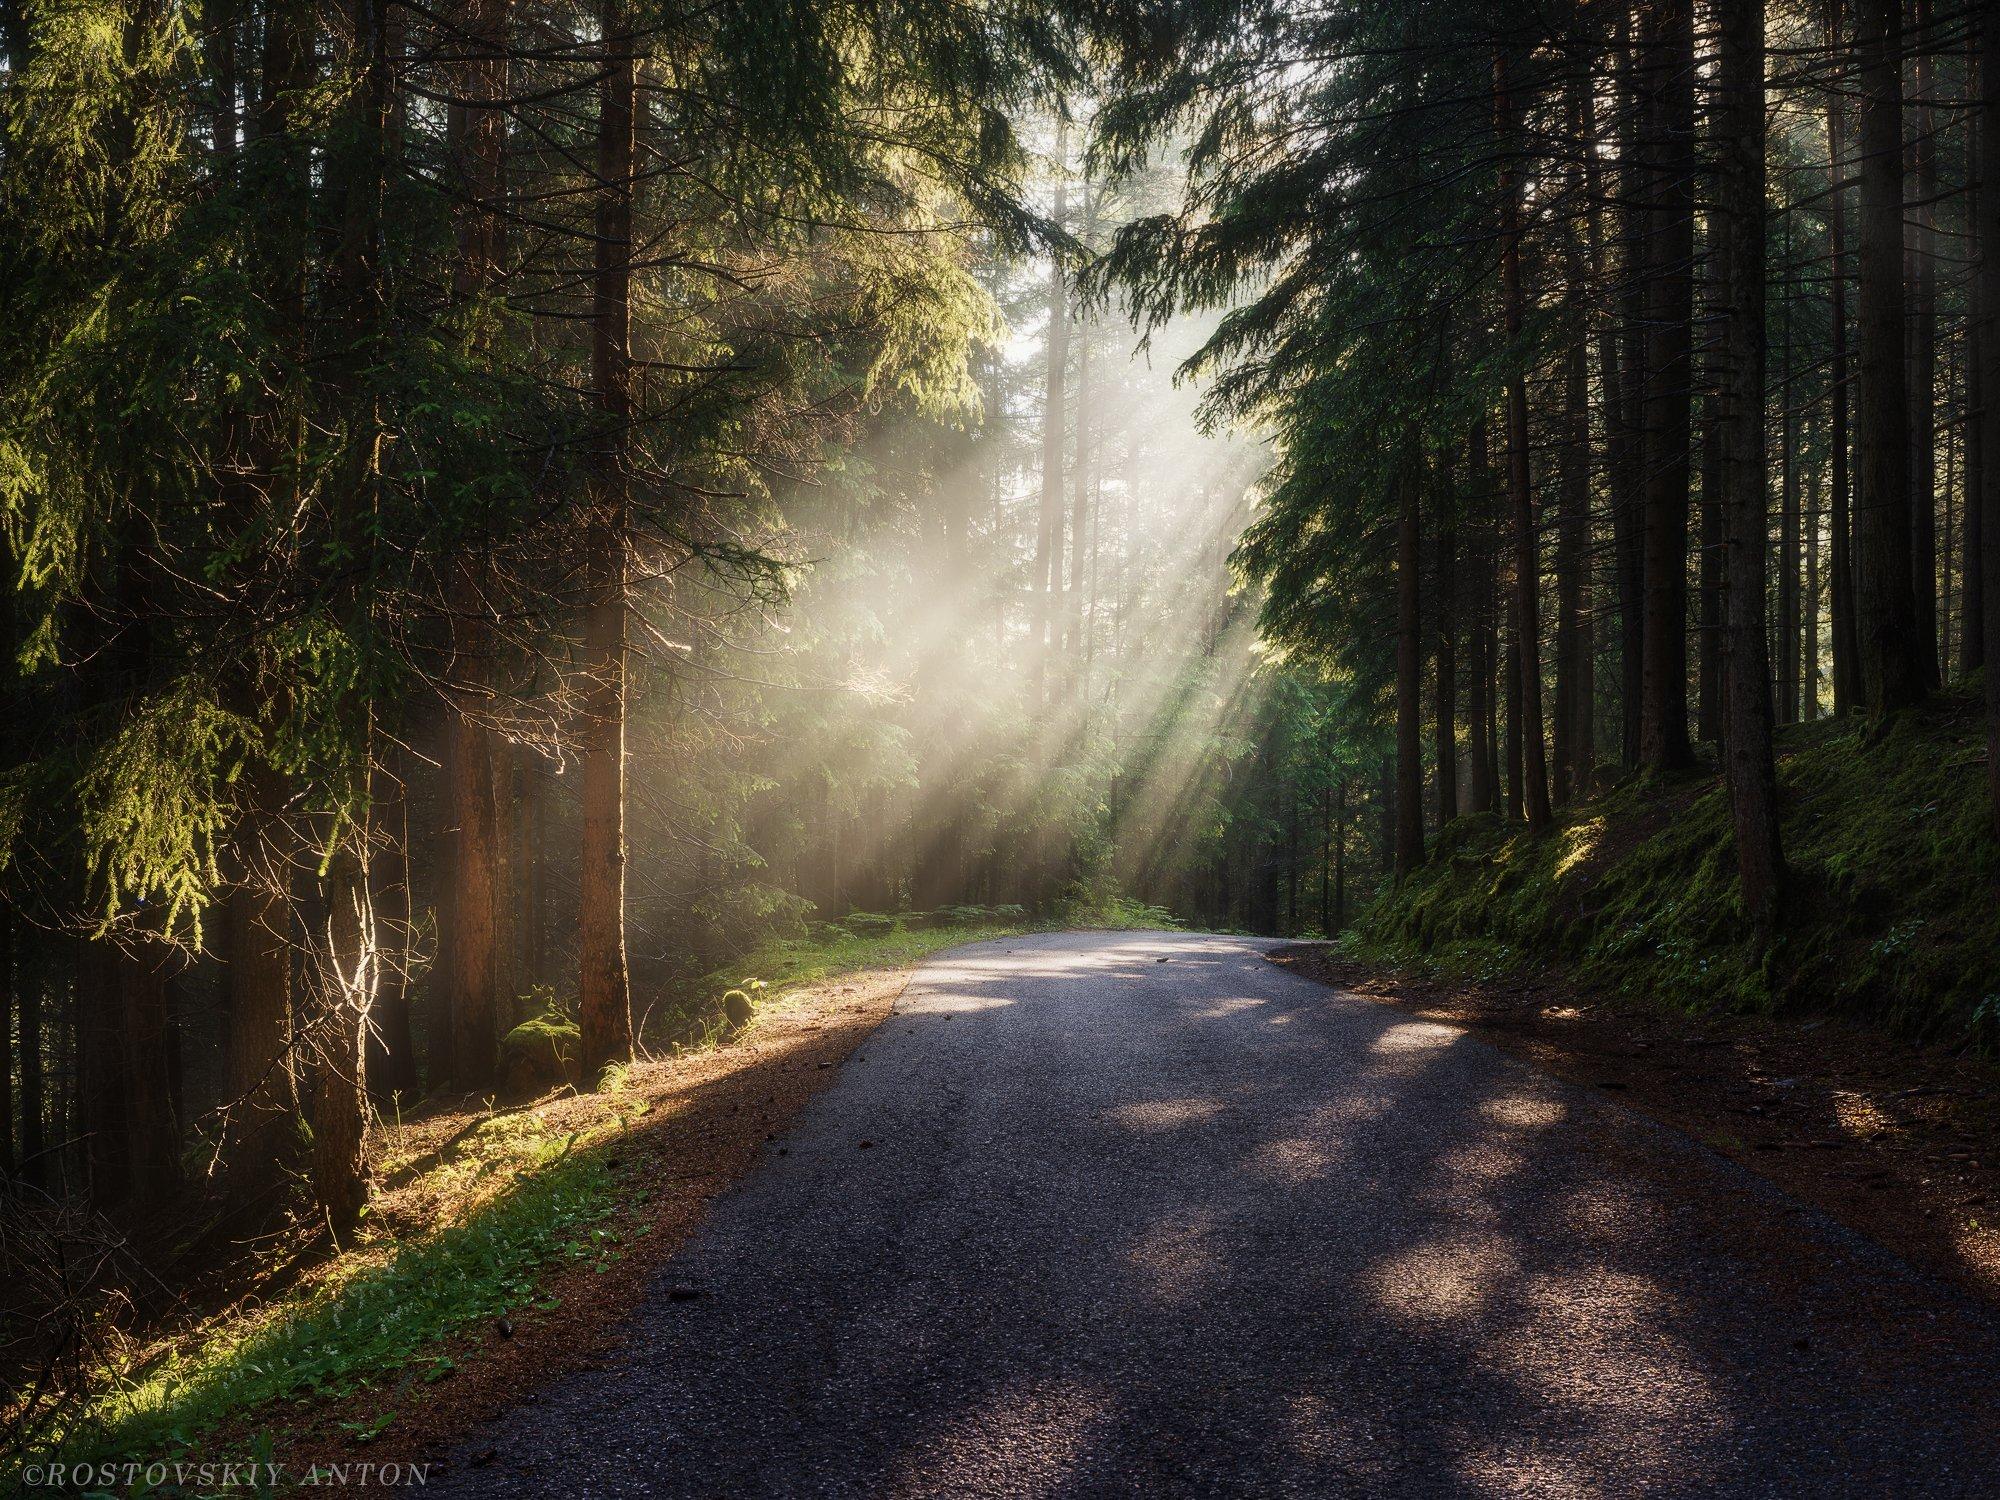 Доломиты, дорога, туман, фототур, лес, лучи, альпы, деревья, Ростовский Антон